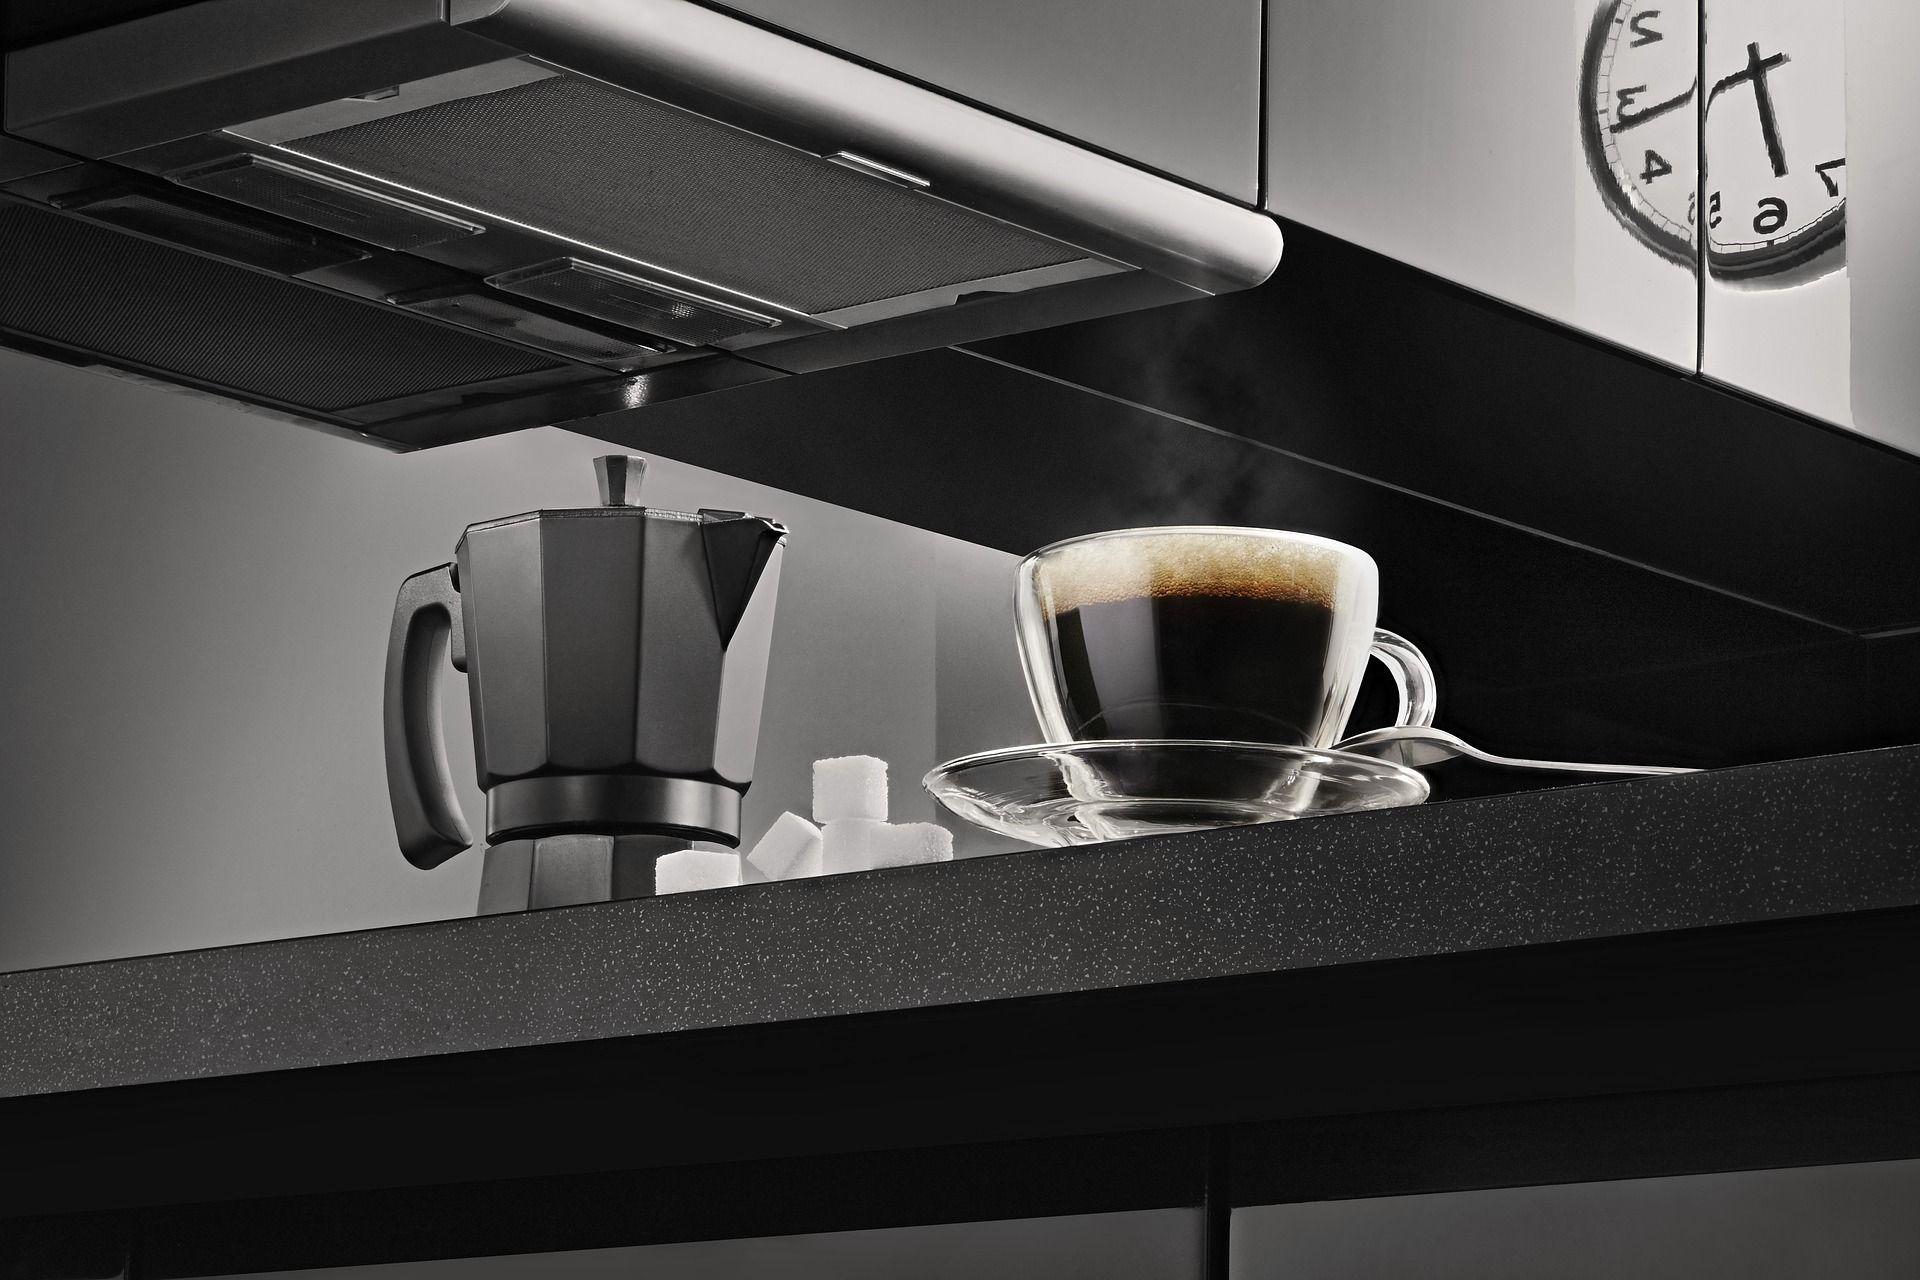 Keurig K45 Elite Brewing System, Black Coffee Makers